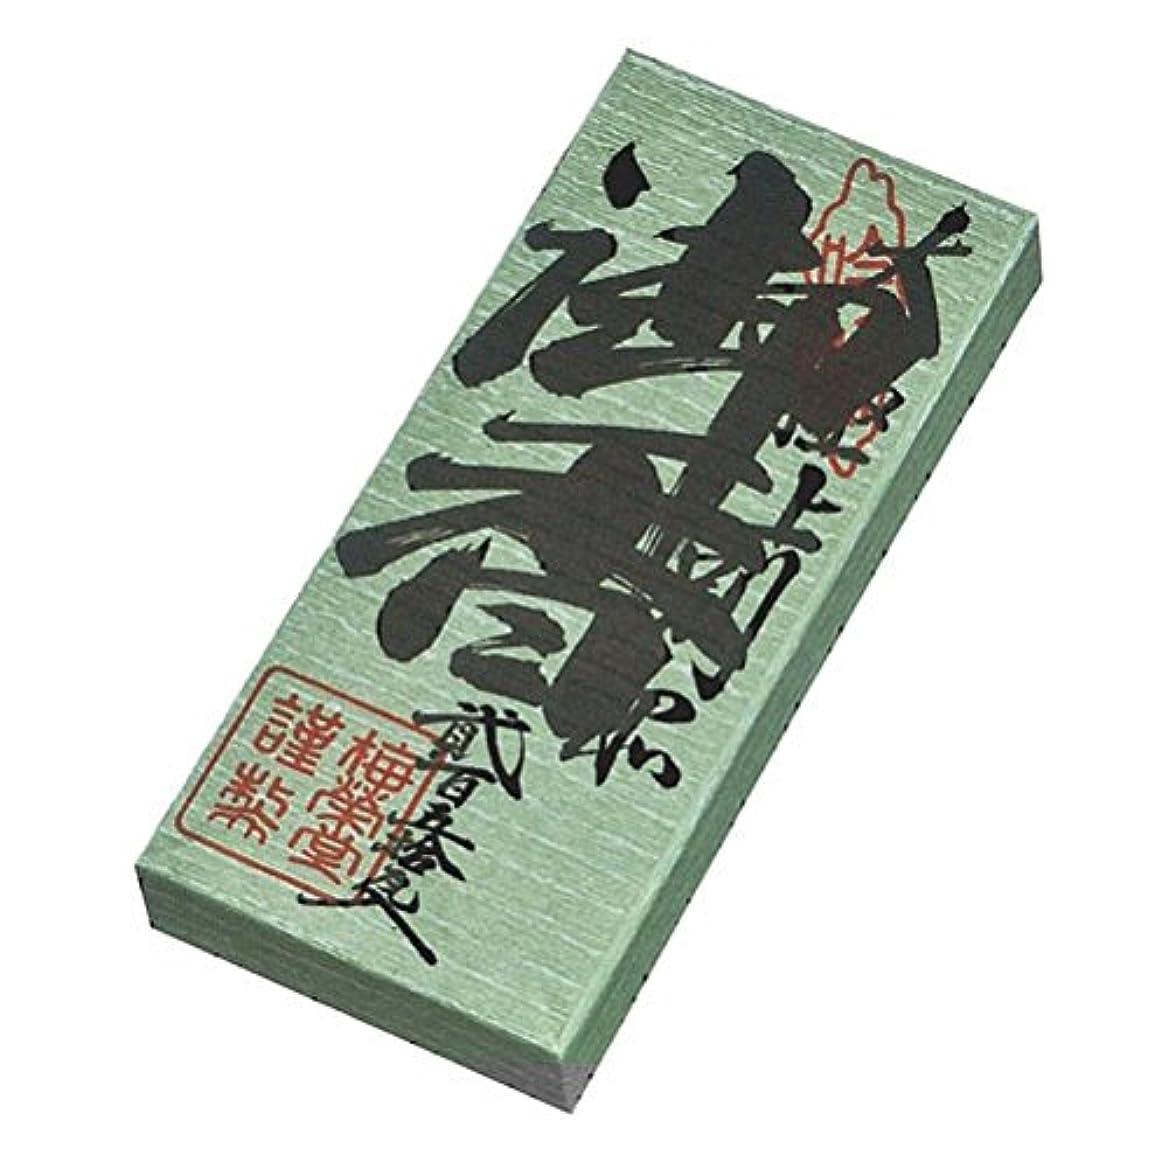 剃るりんご従順な瑞薫印 250g 紙箱入り お焼香 梅栄堂